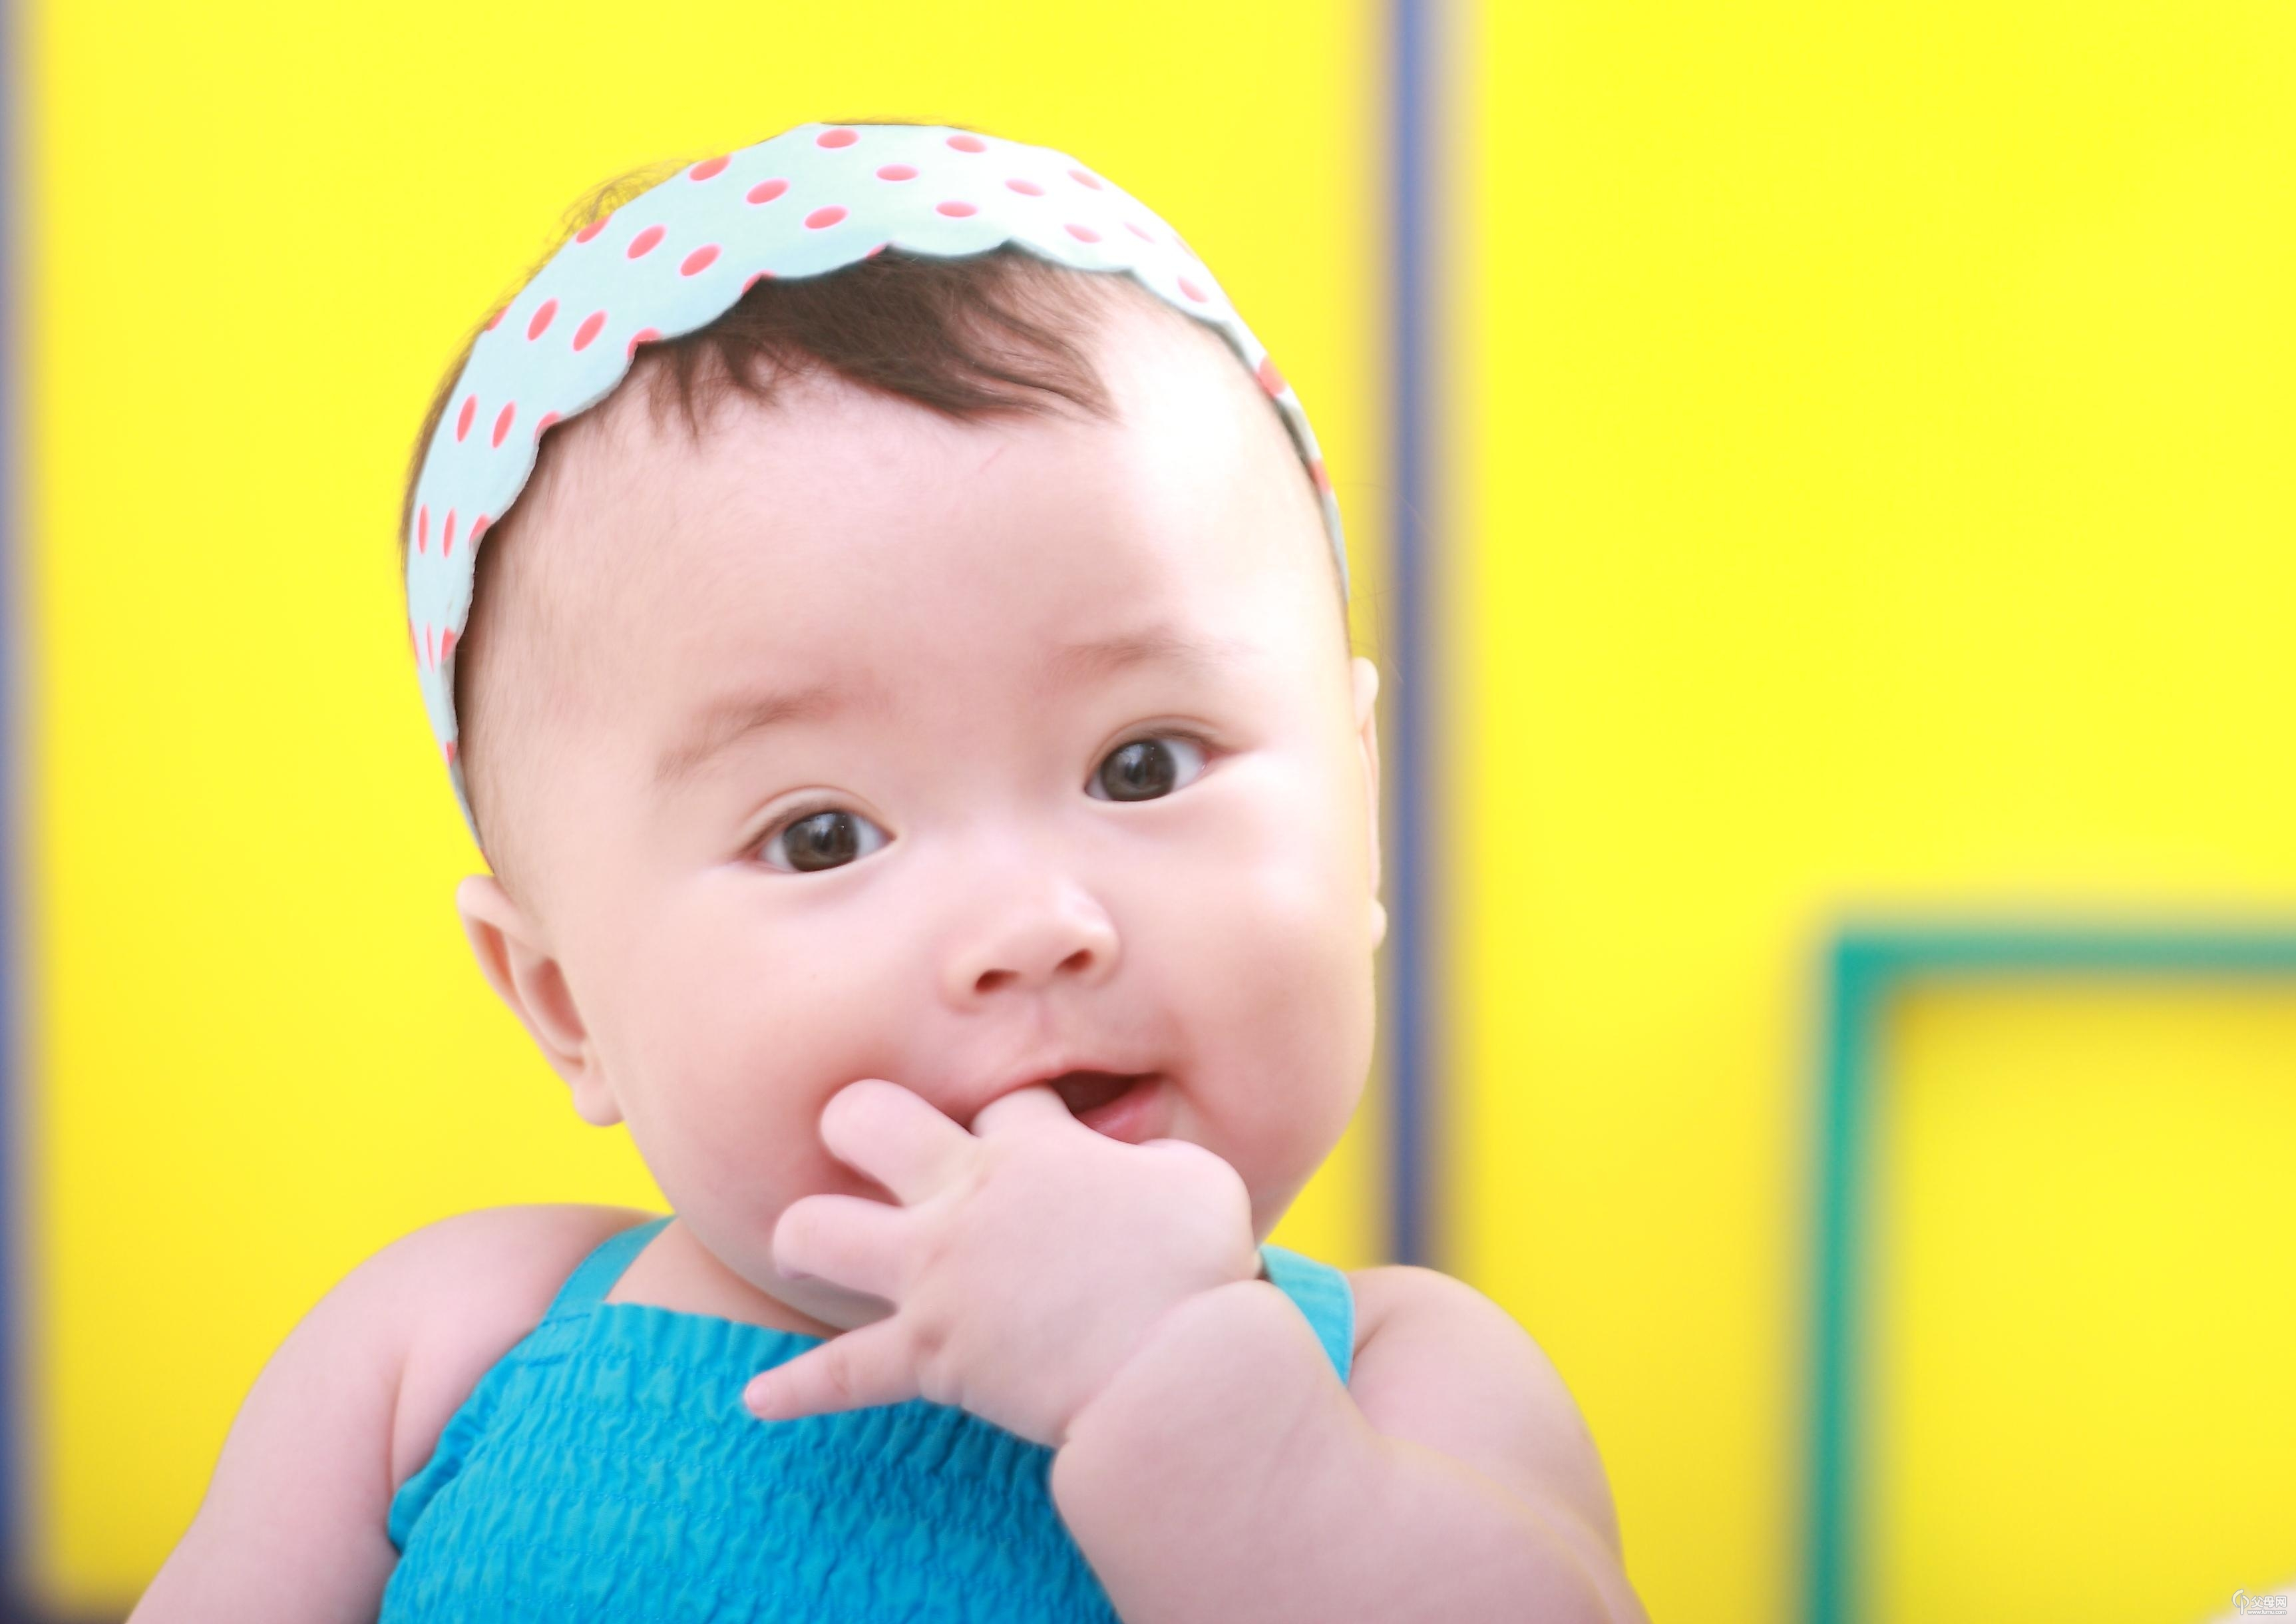 宝宝 壁纸 儿童 孩子 小孩 婴儿 3450_2440